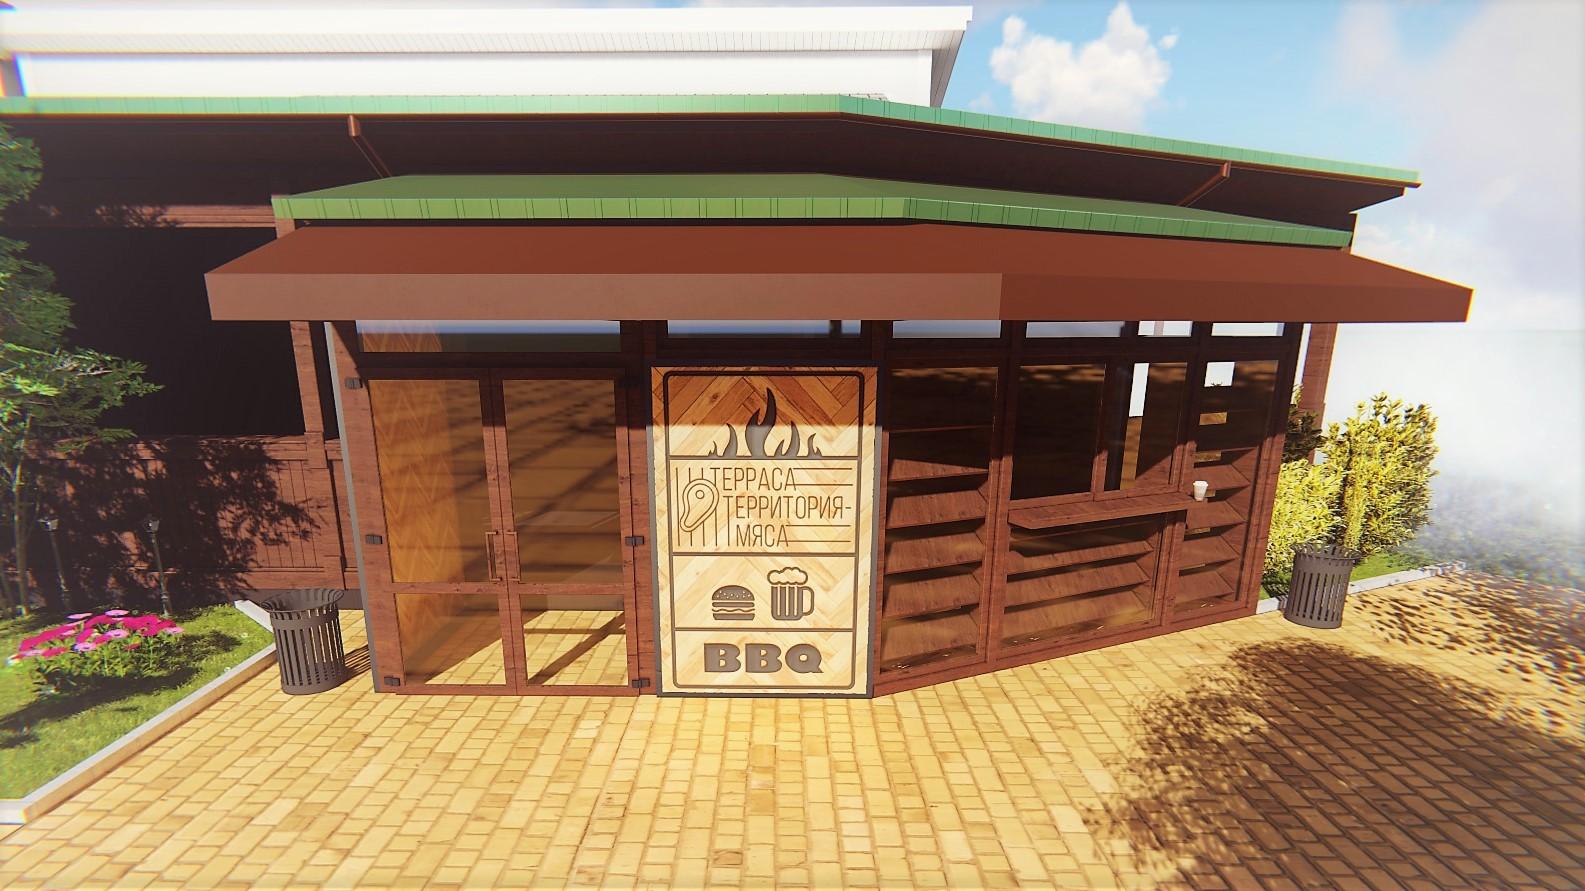 Фото Реконструкция центрального входа ресторана с пристройкой.